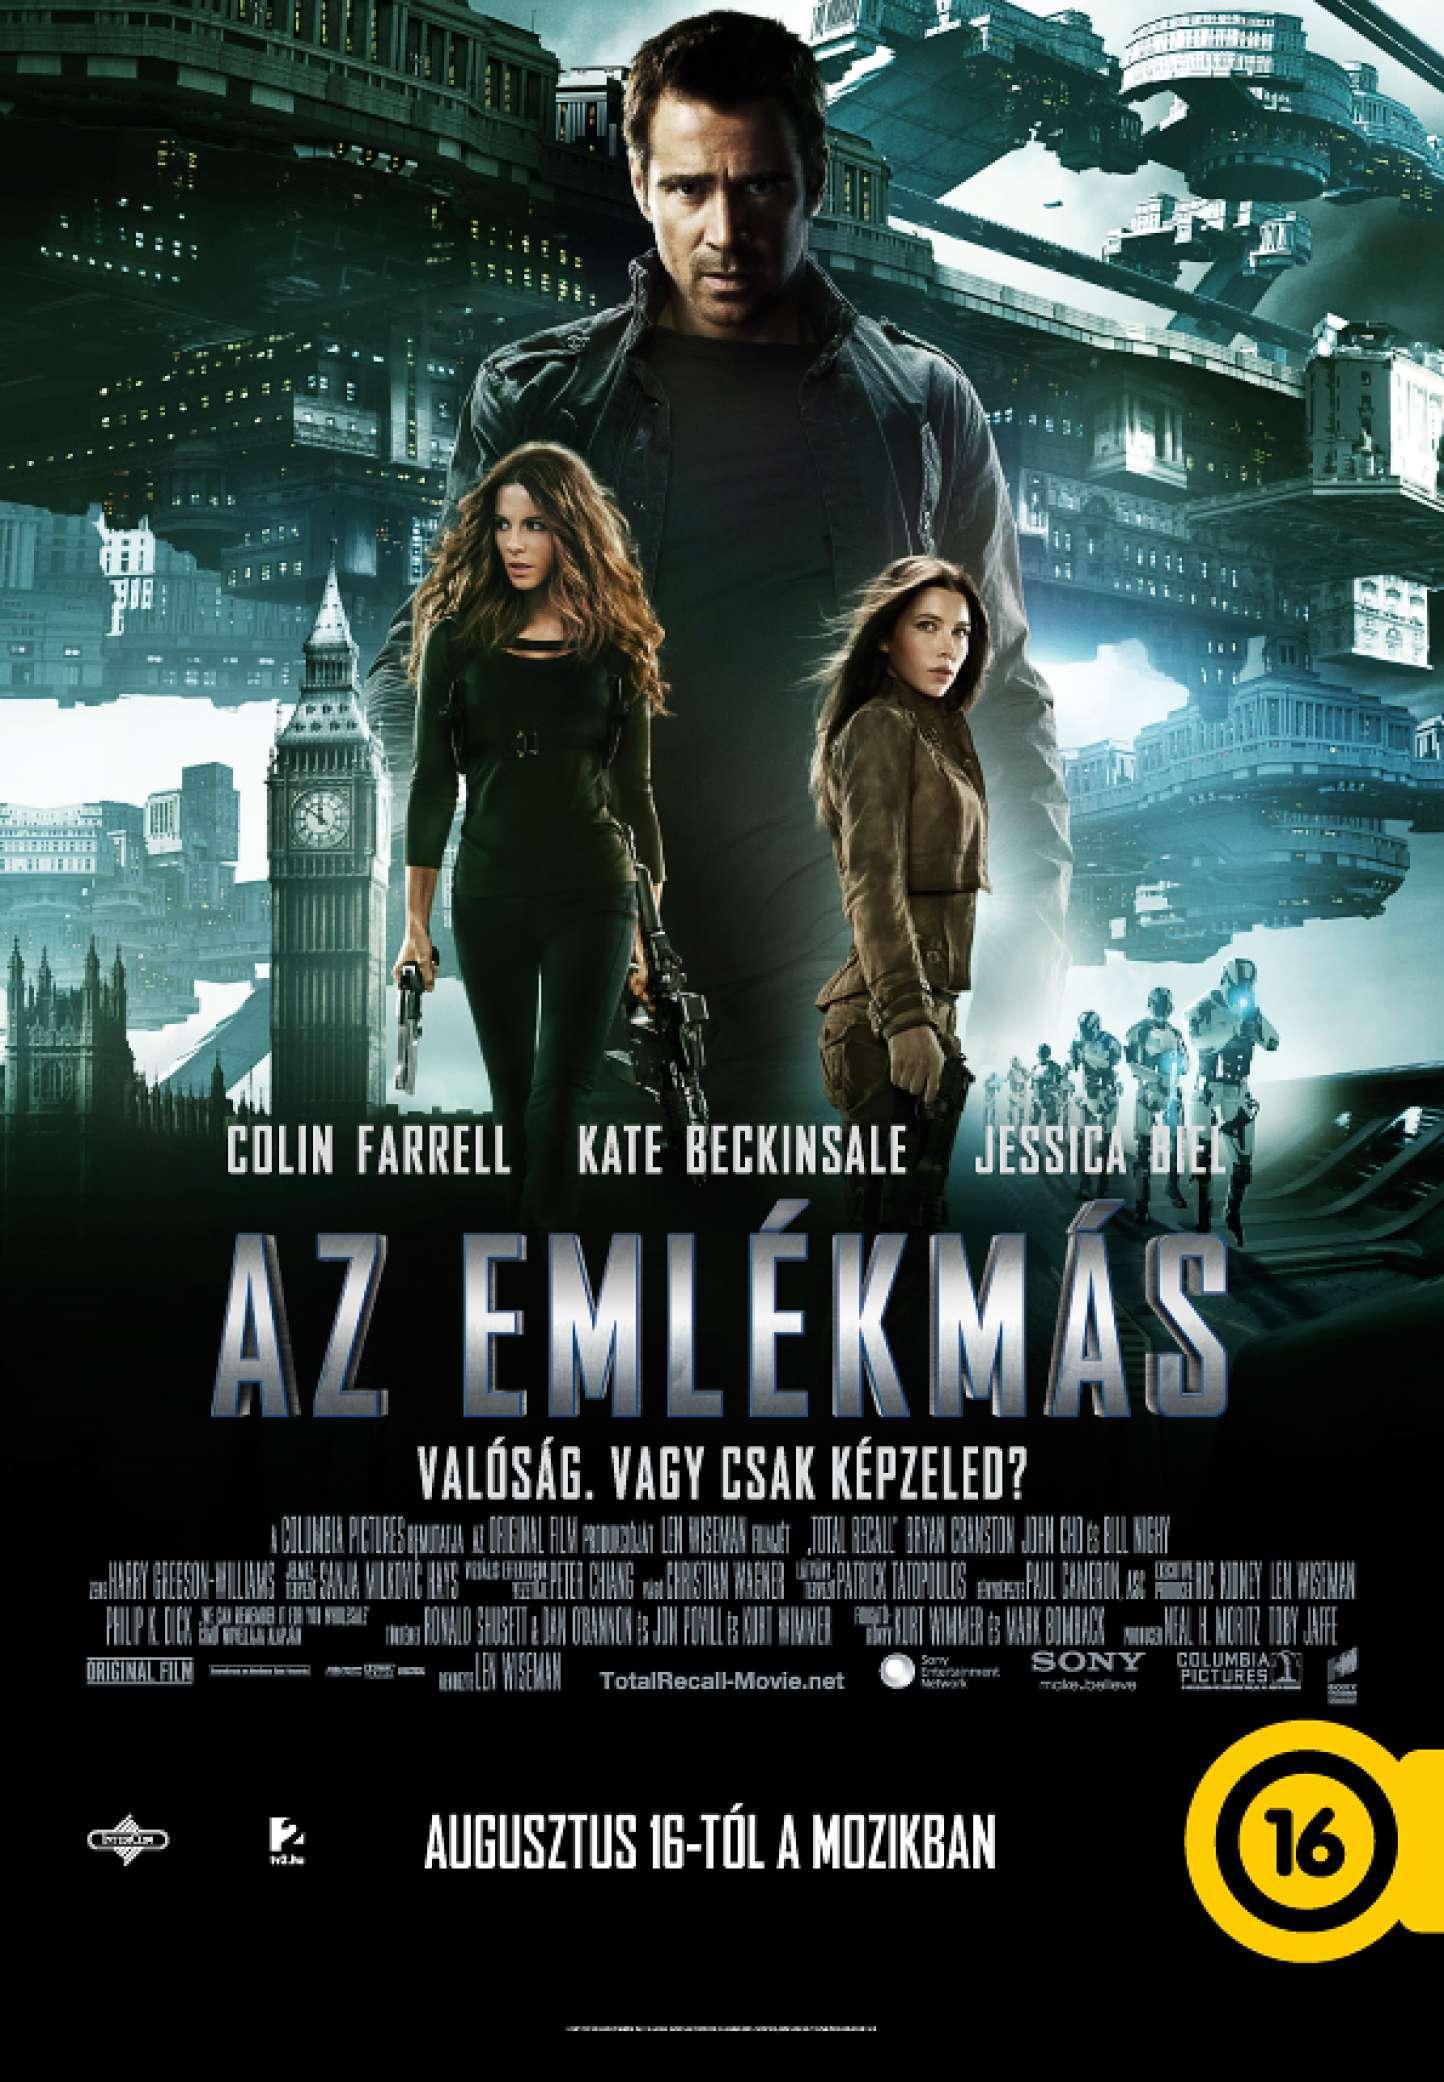 Az Emlekmas Online Film